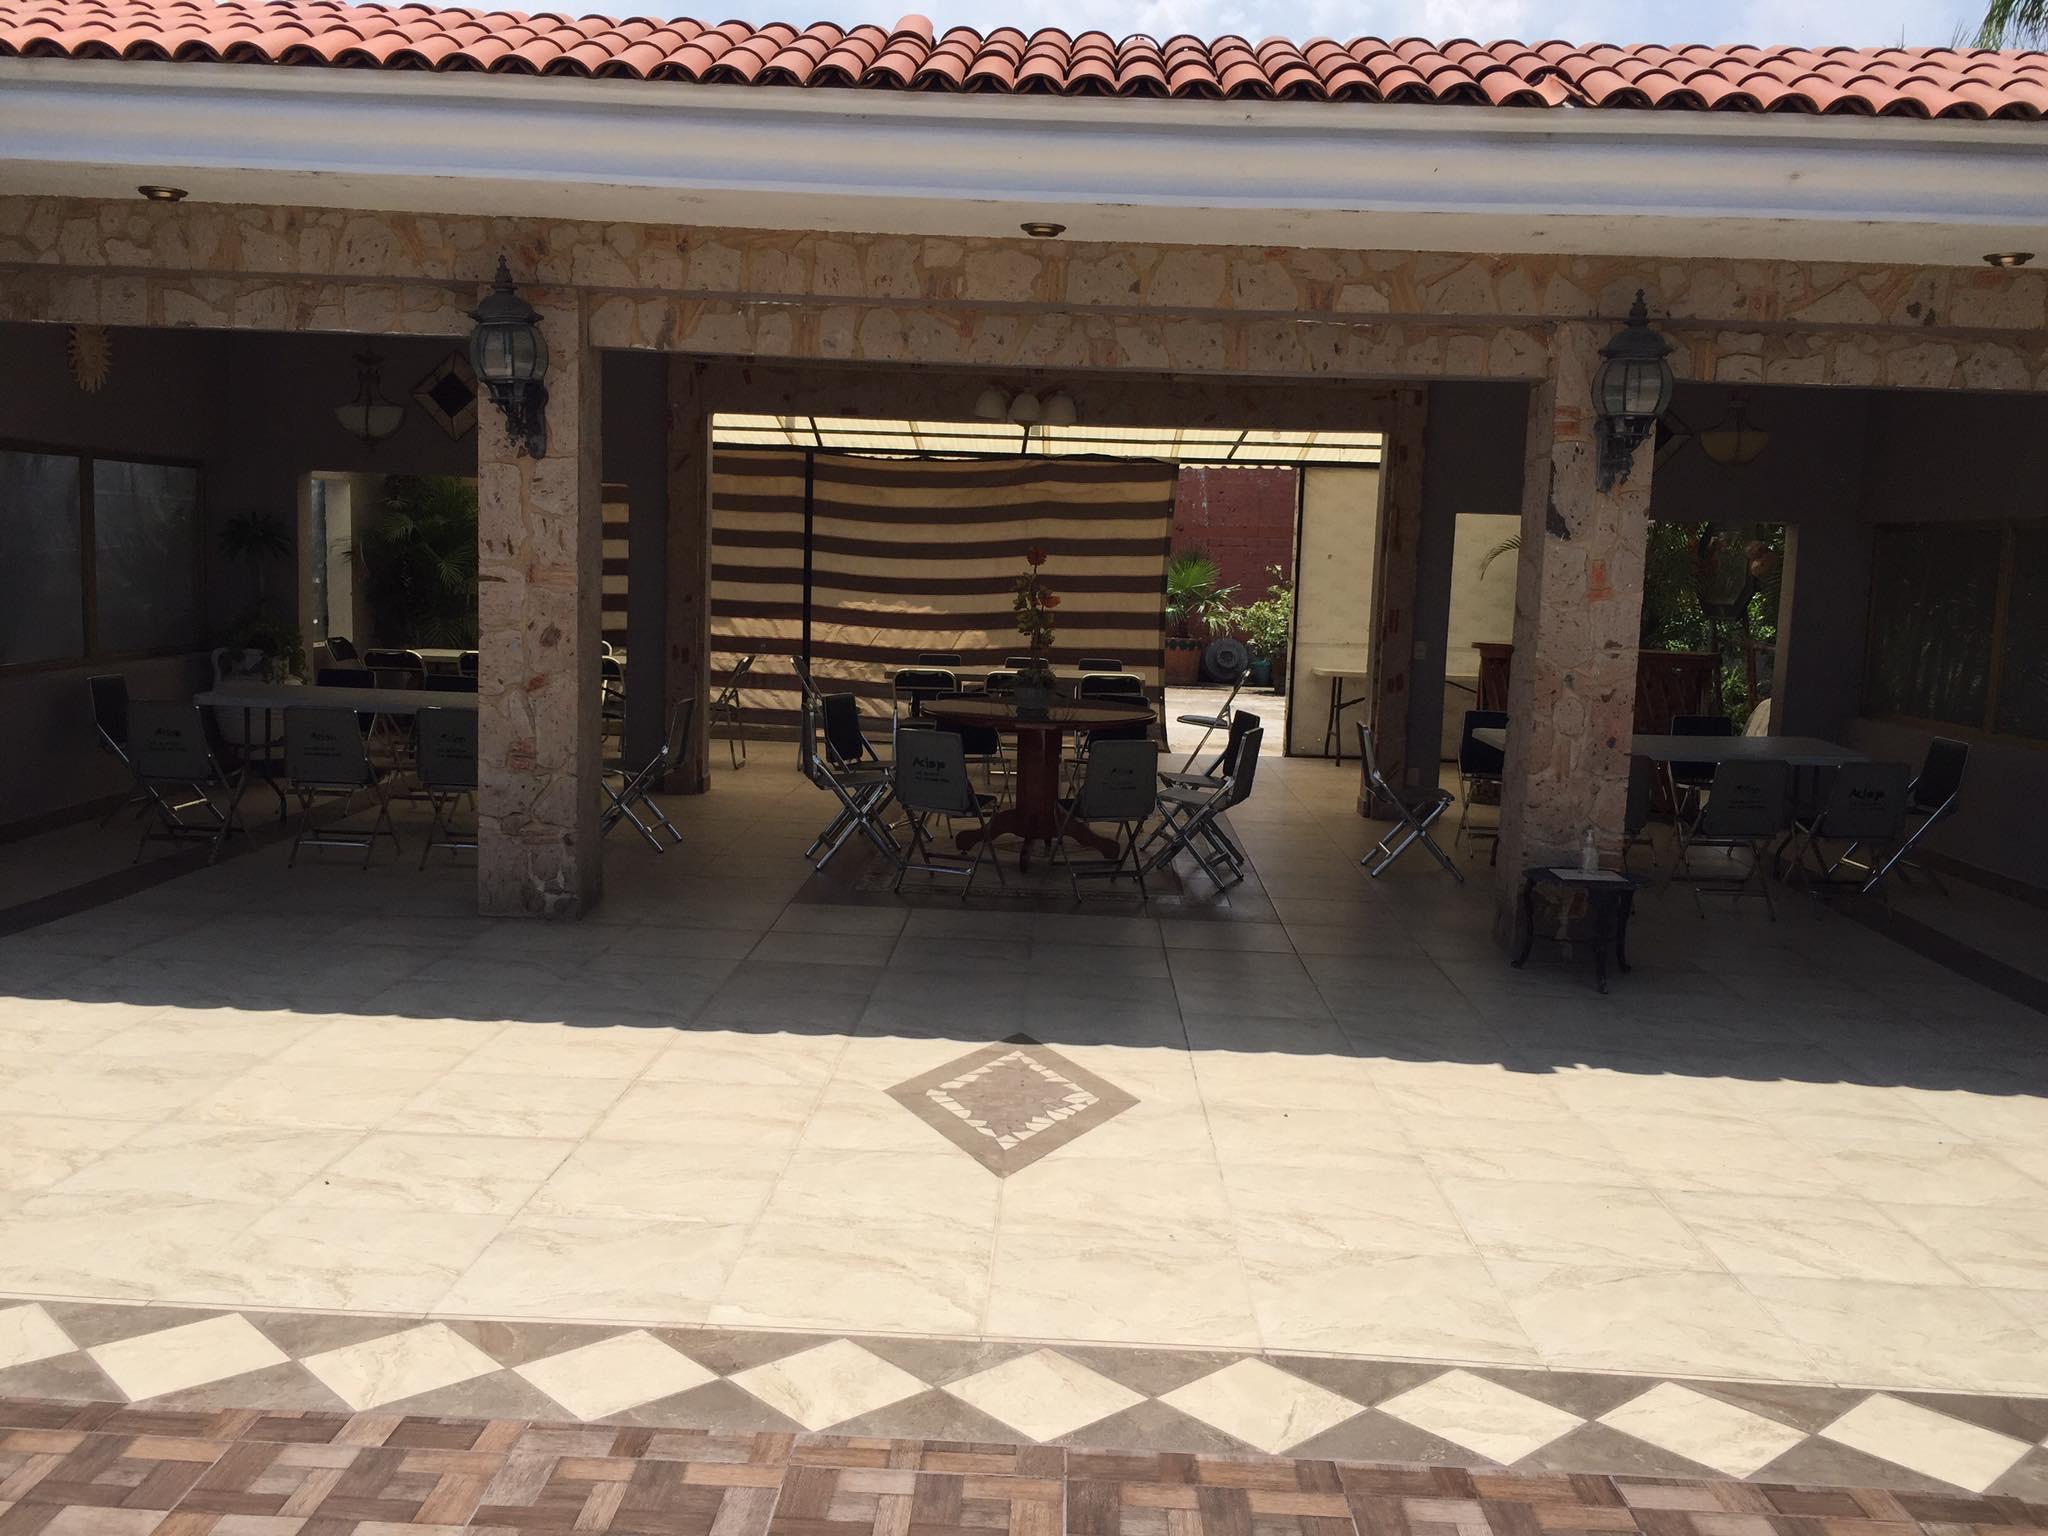 Imagen 5 del espacio Villa Catalina en Zapopan, México